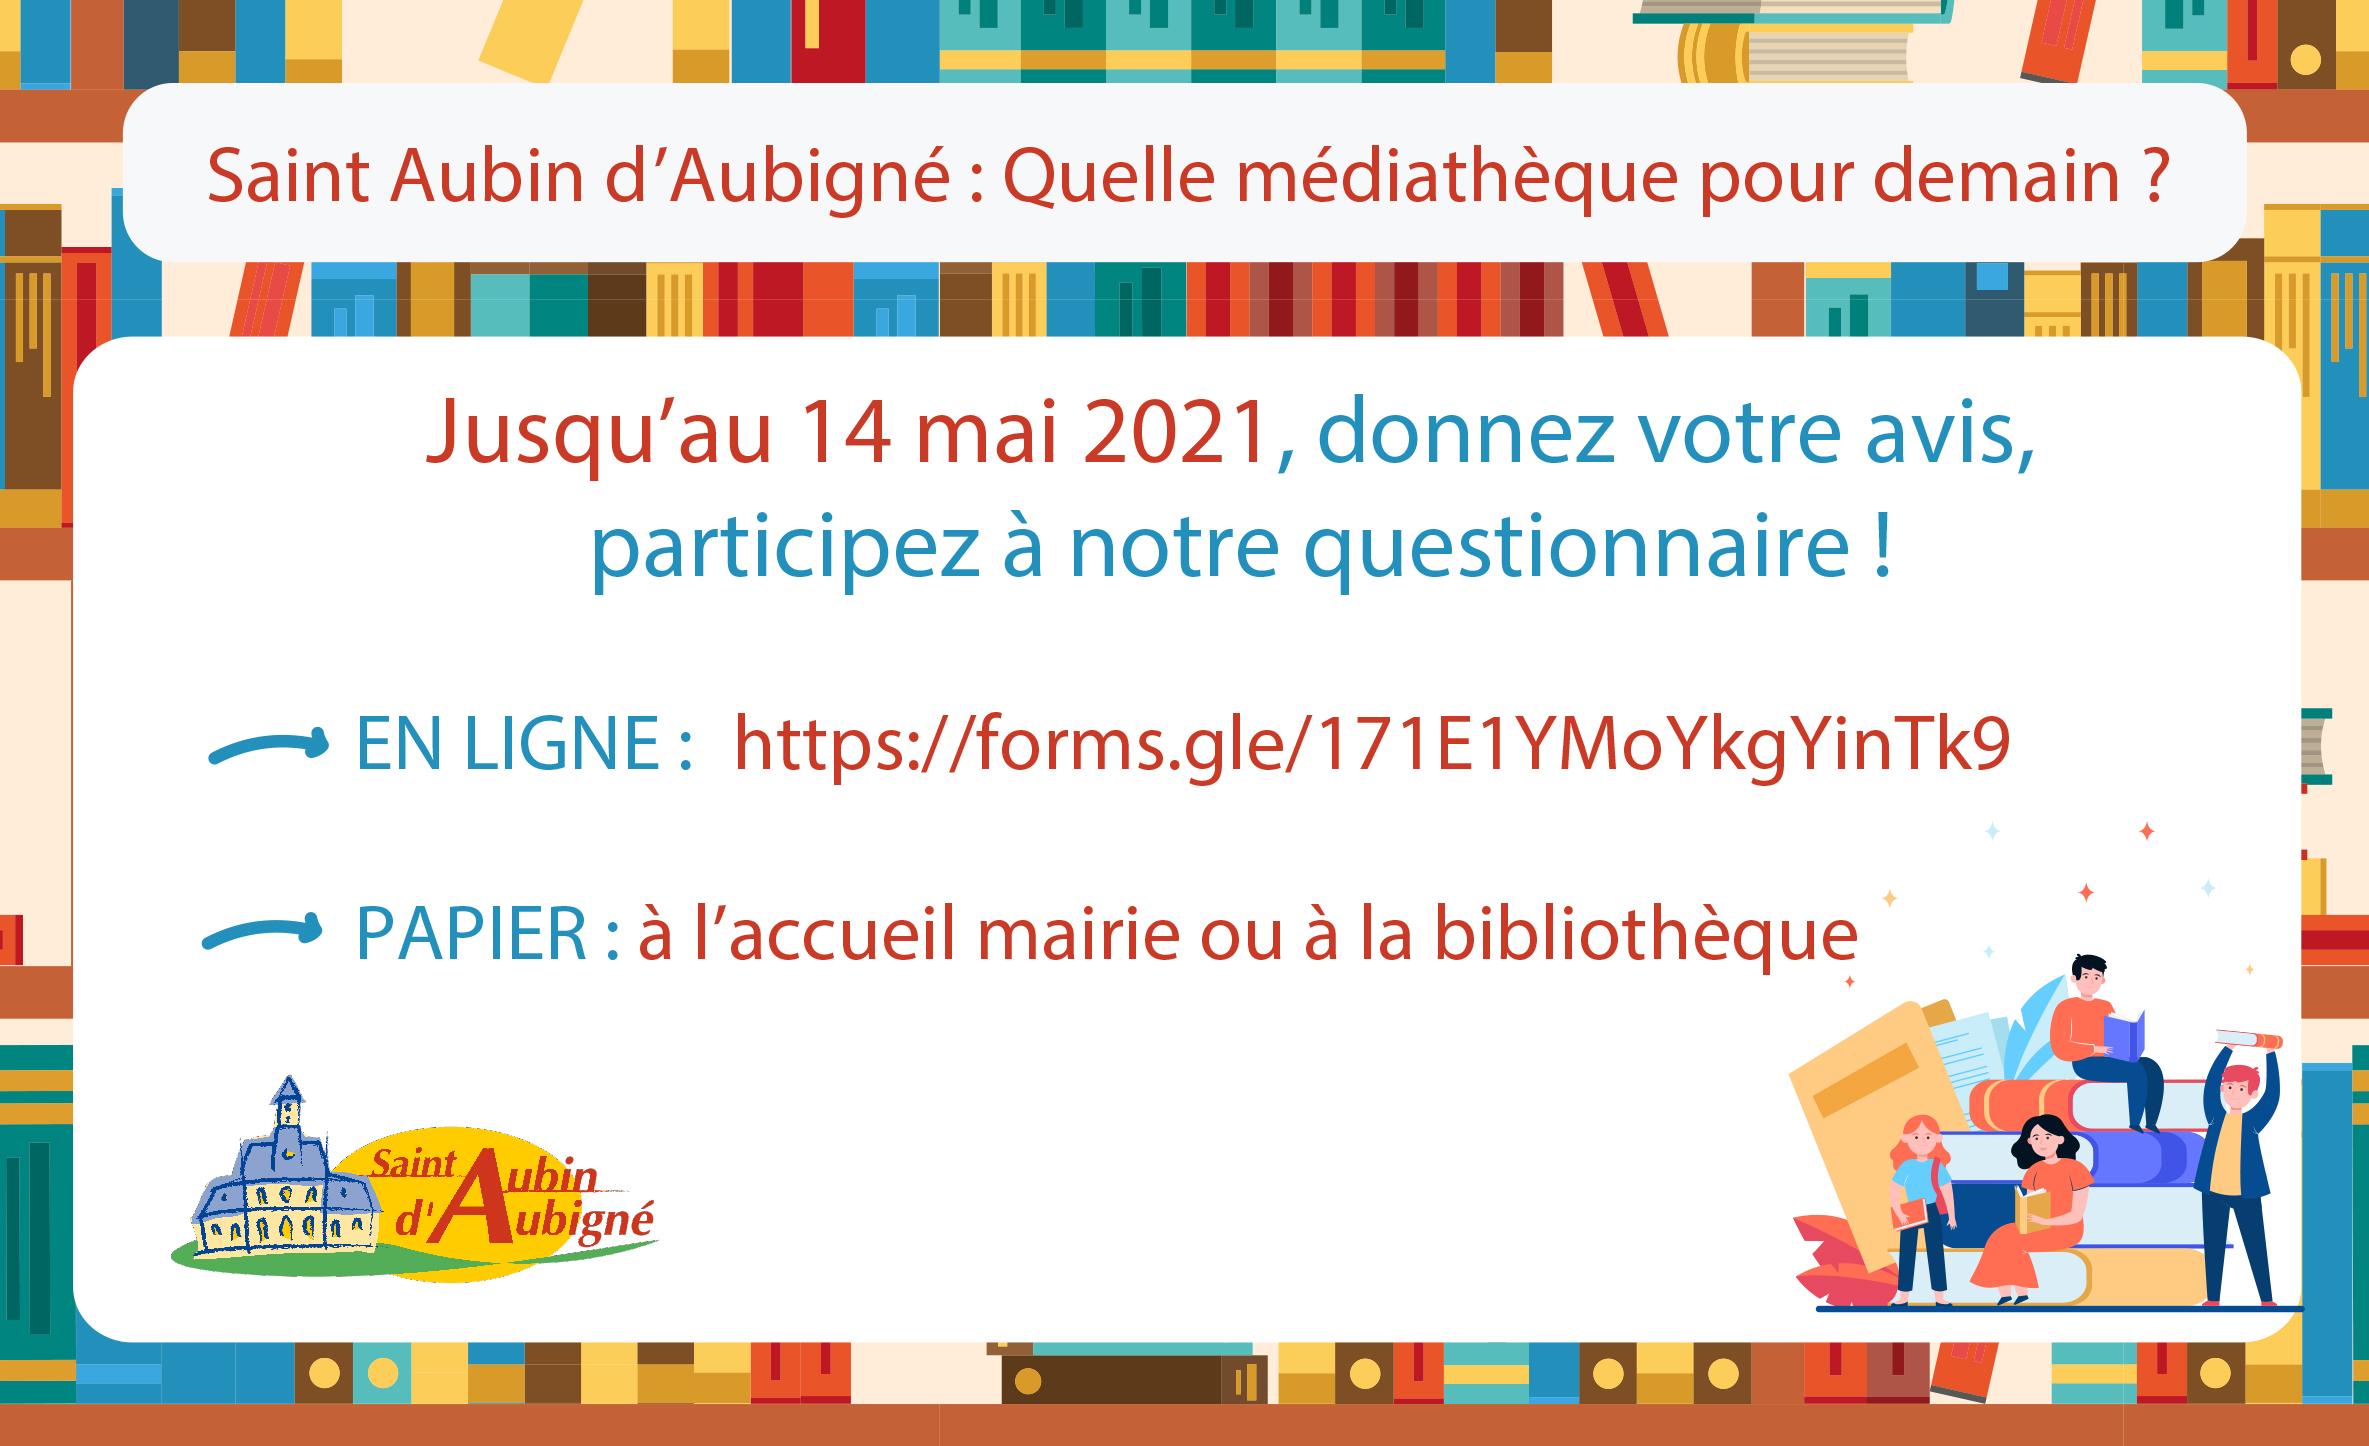 Saint Aubin d'Aubigné : Quelle médiathèque pour demain ?